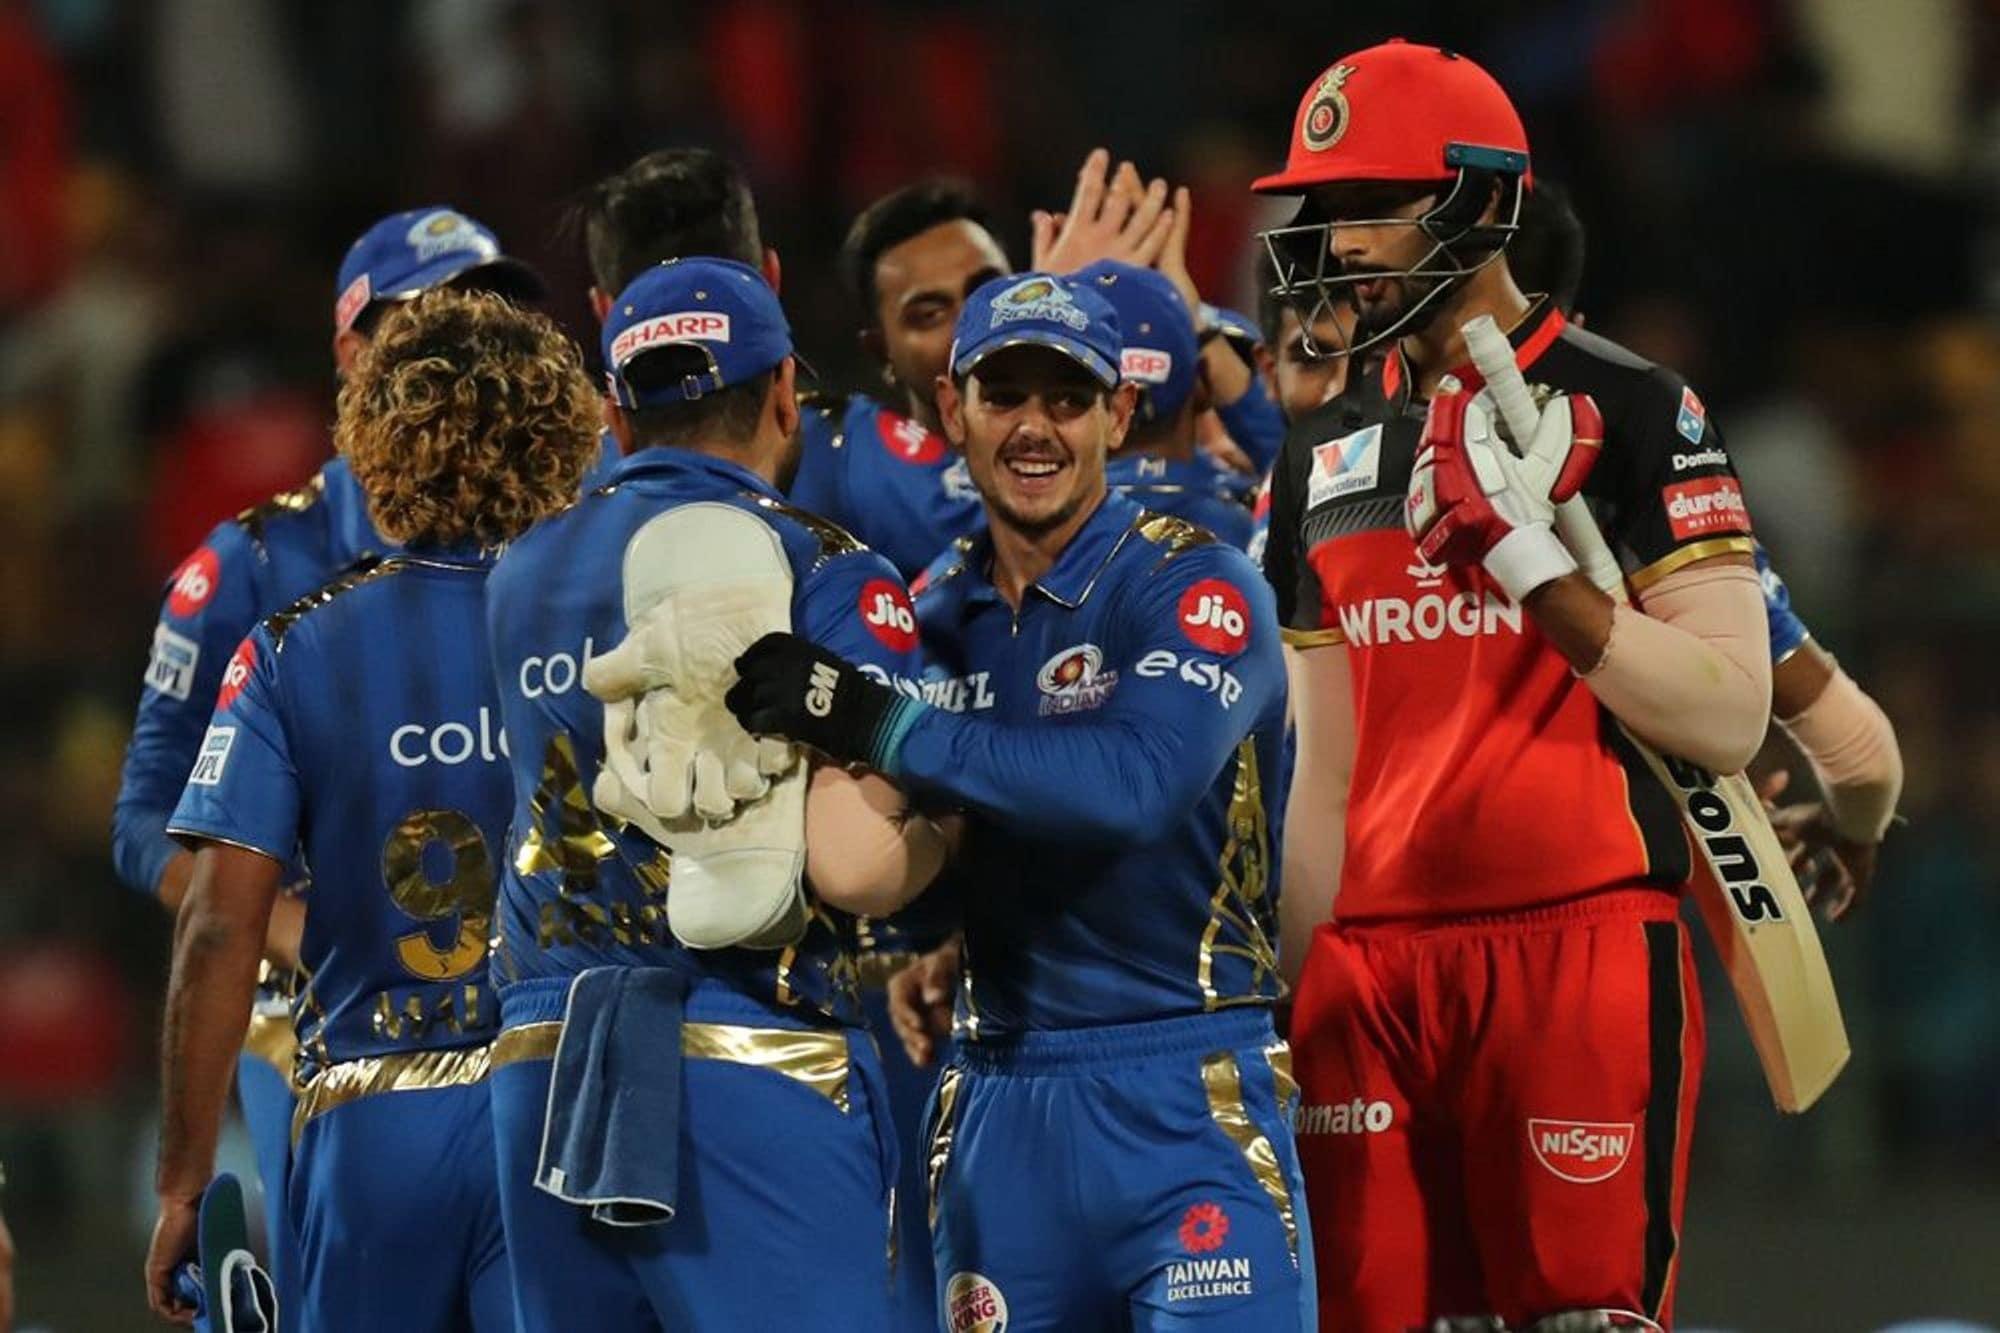 मुंबई इंडियन्स विरुद्ध रॉयल चॅलेंजर बंगळुरुचा सामना अगदी शेवटच्या चेंडूपर्यंत रंगला. त्यातच शेवटच्या चेंडूवर नाट्यमय घडामोडी घडल्या.